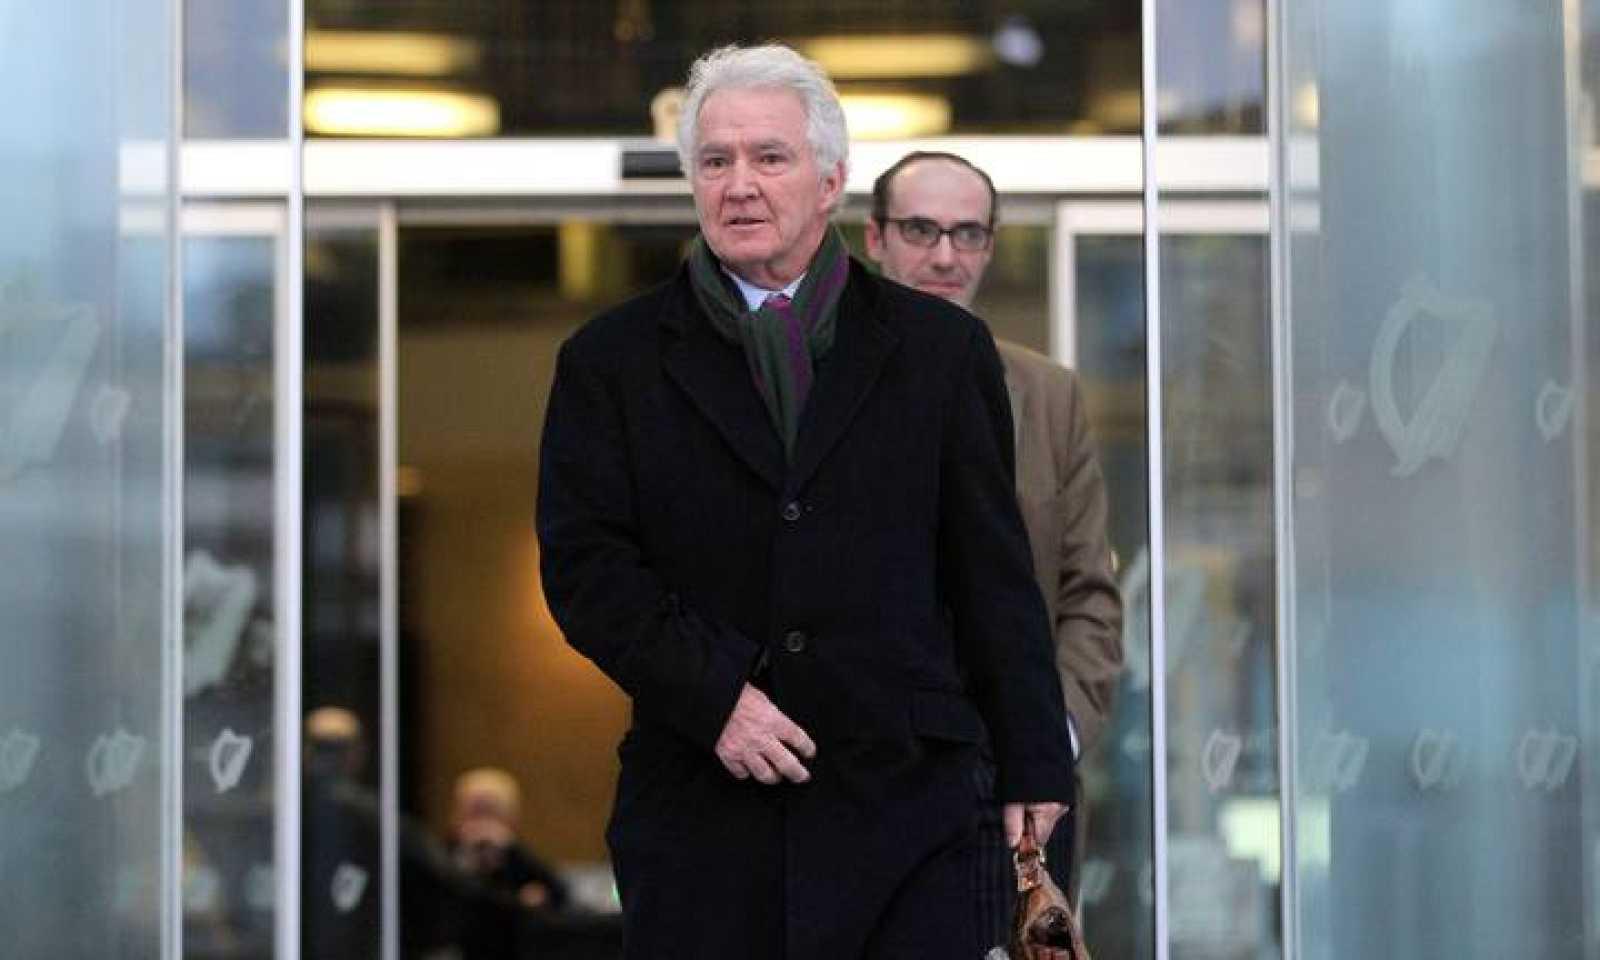 El exdirector ejecutivo del Anglo Irish Bank Sean Fitzpatrick en una imagen de archivo